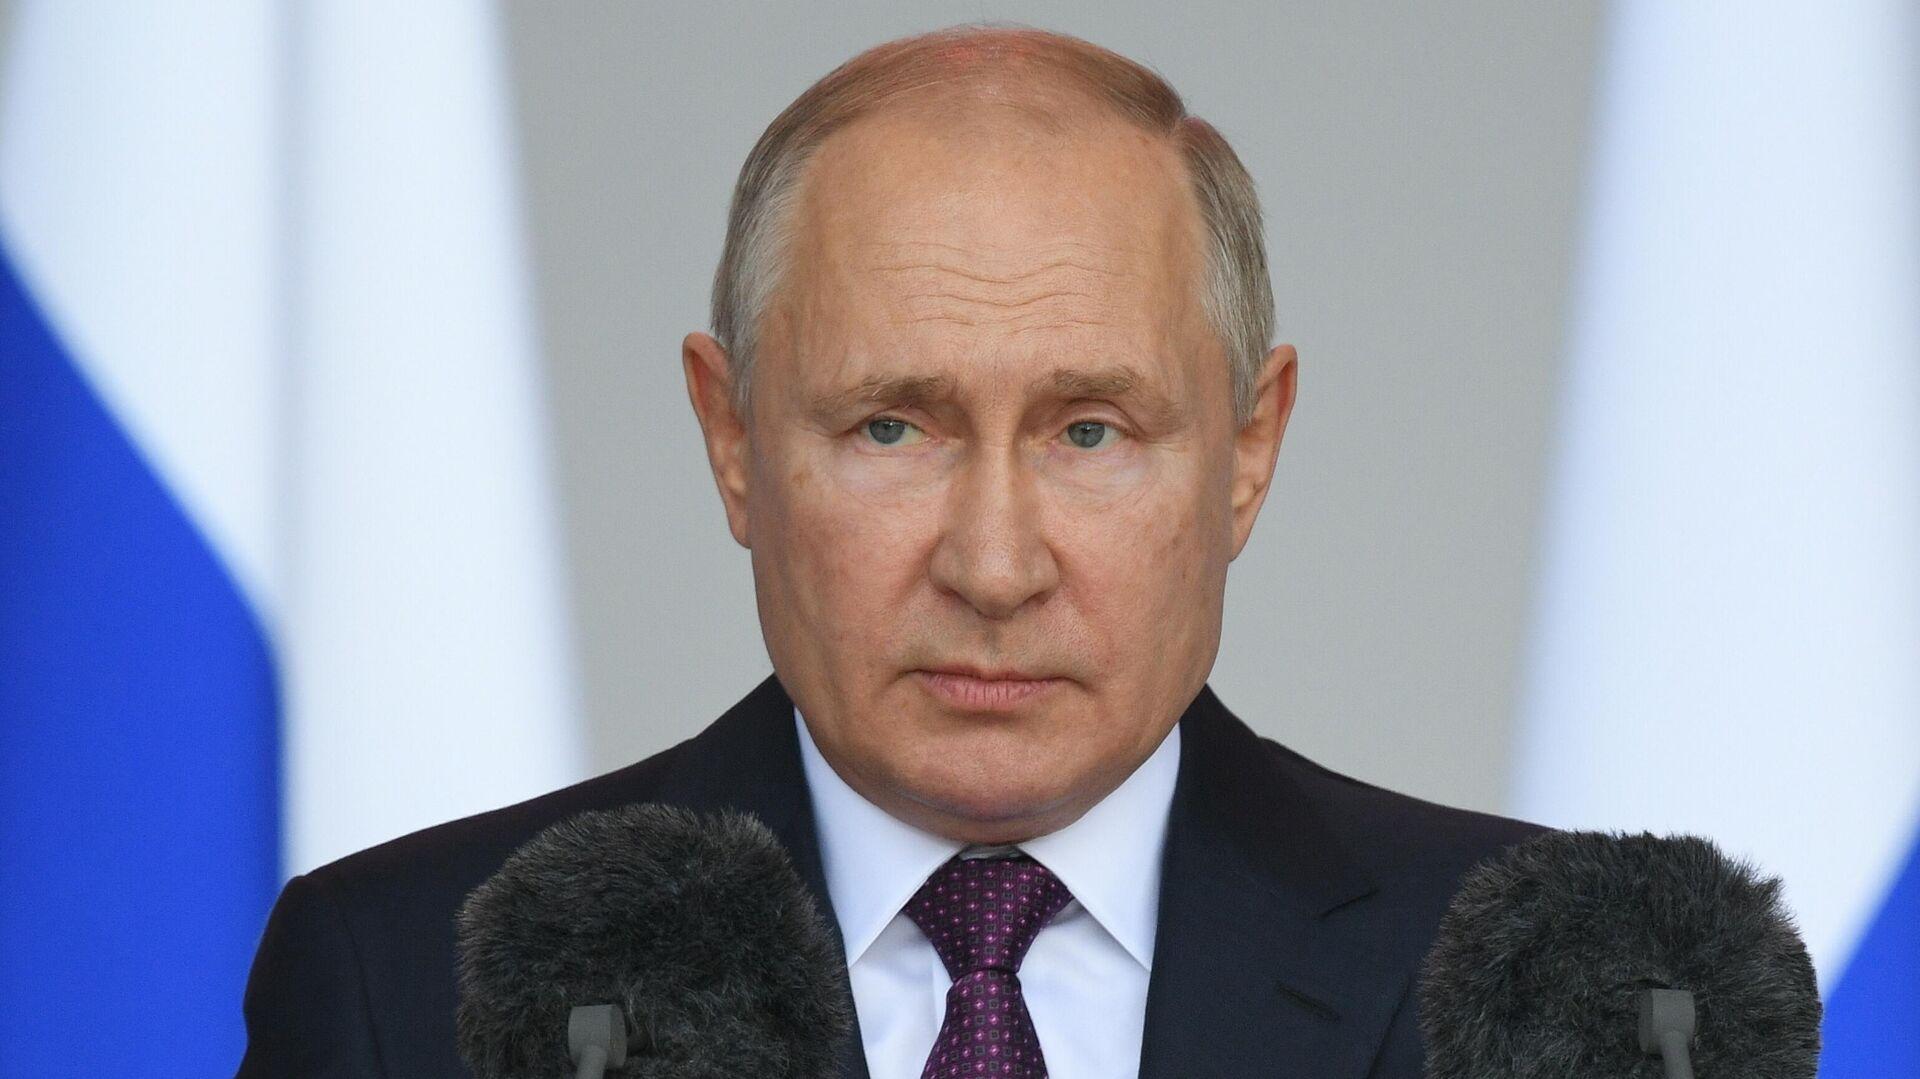 Президент РФ Владимир Путин принимает участие в церемонии открытия международного военно-технического форума Армия-2021 - РИА Новости, 1920, 01.09.2021